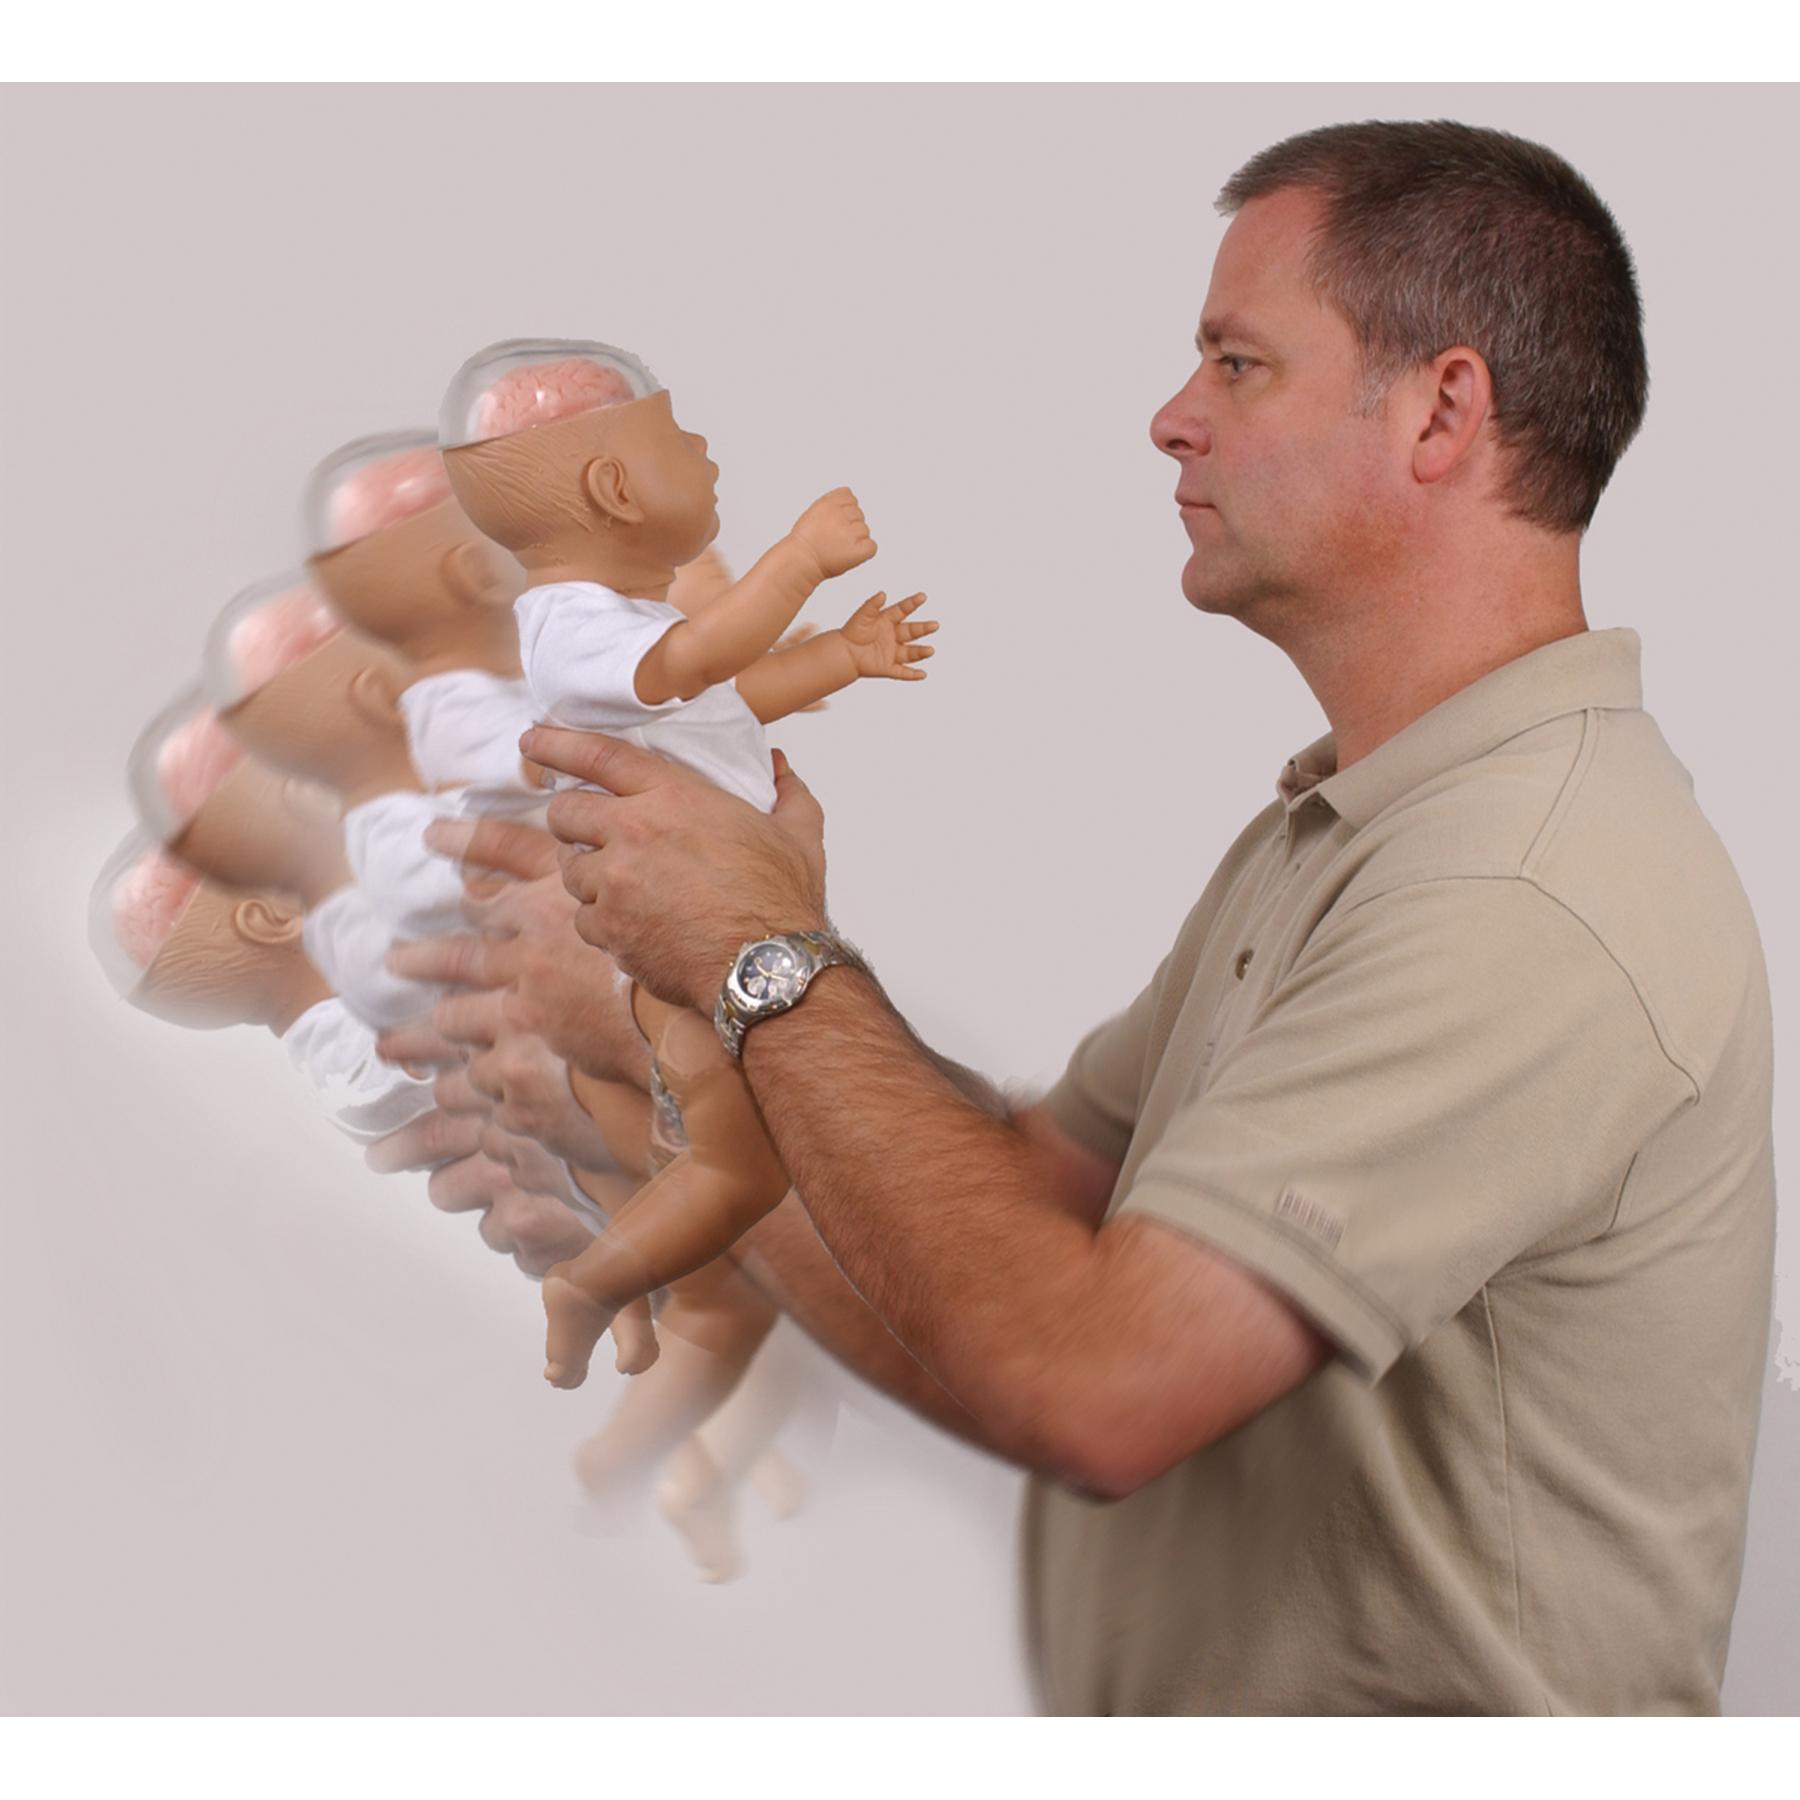 أضرار هز الرضيع Image